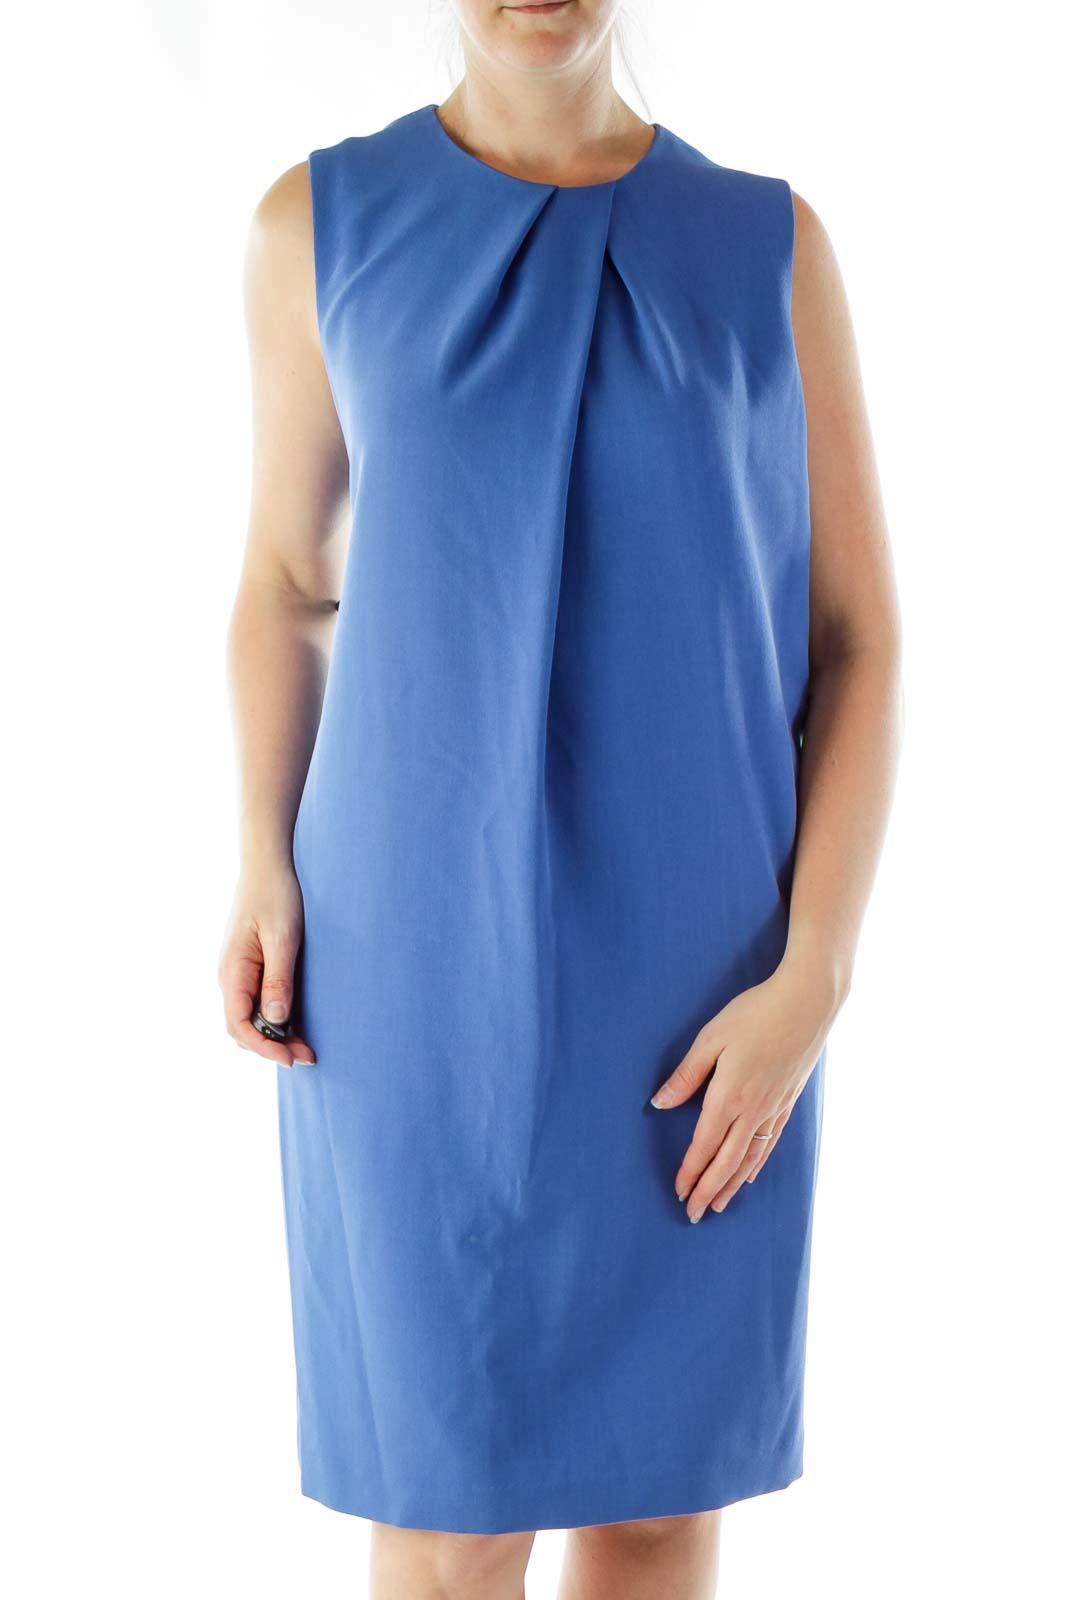 Blue Tent Dress Front